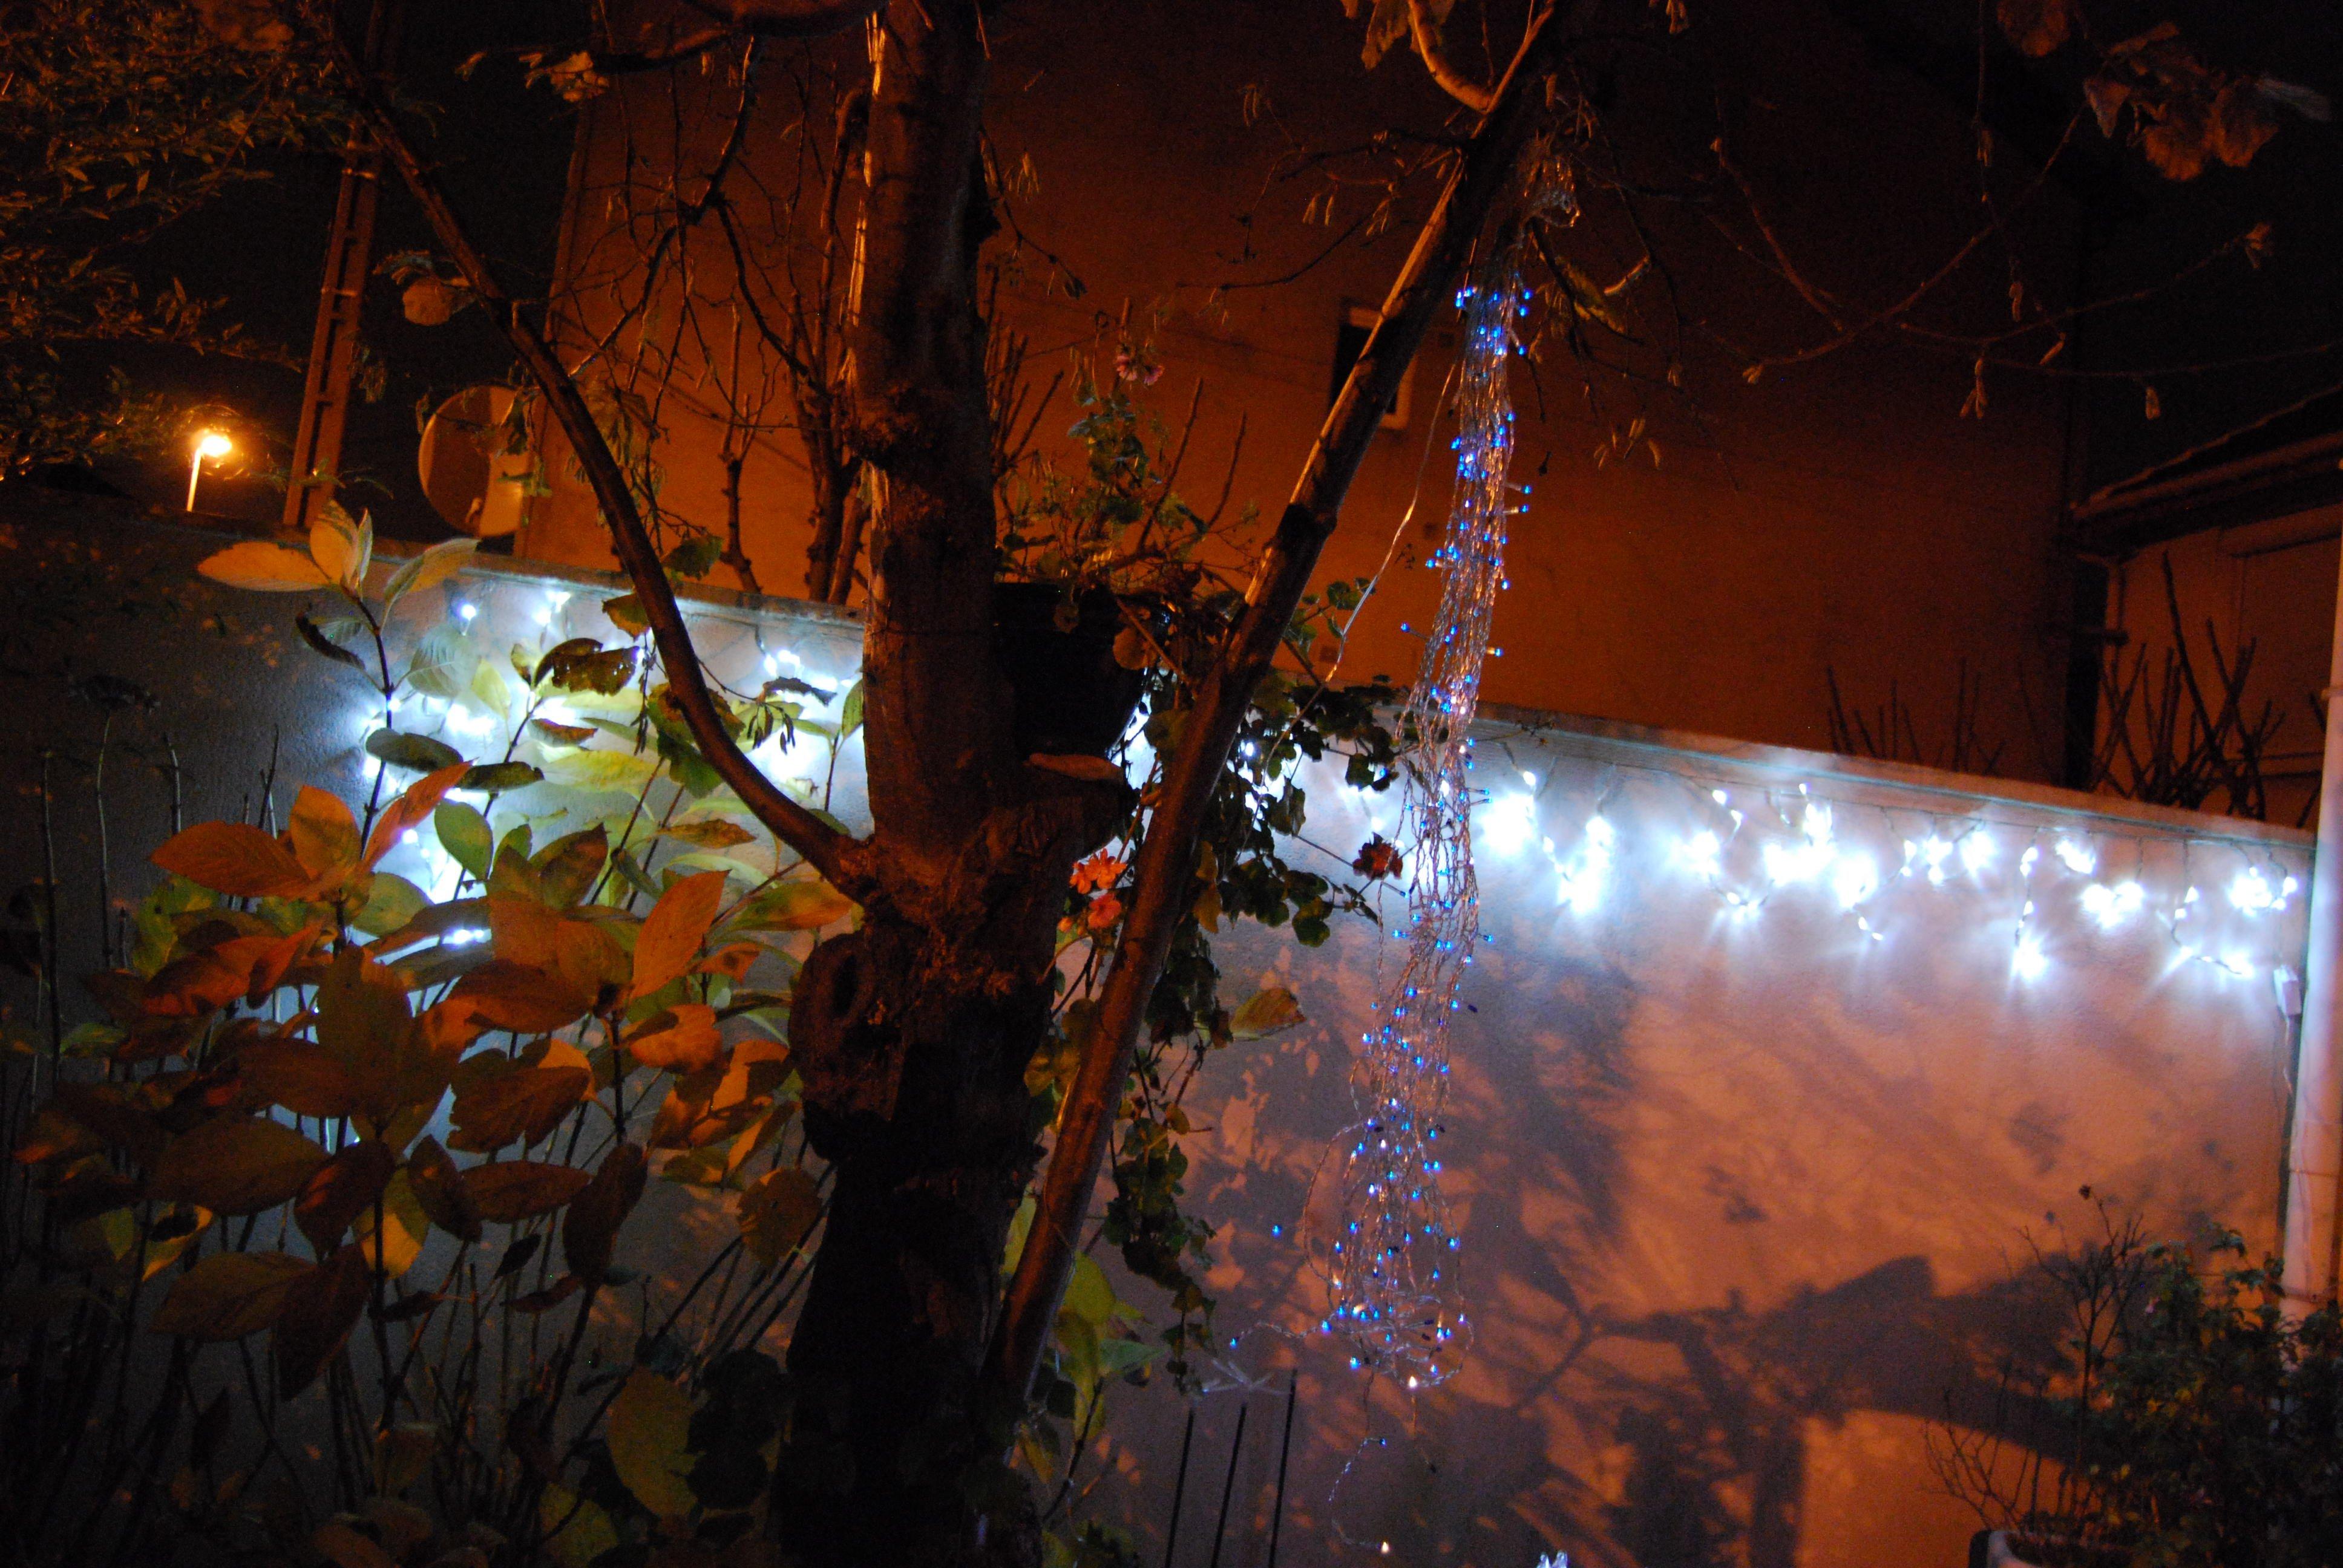 #743419 [Edition Christmas]: Idée De Décoration De Noël En Retard  5367 decorations de noel chez babou 3872x2592 px @ aertt.com